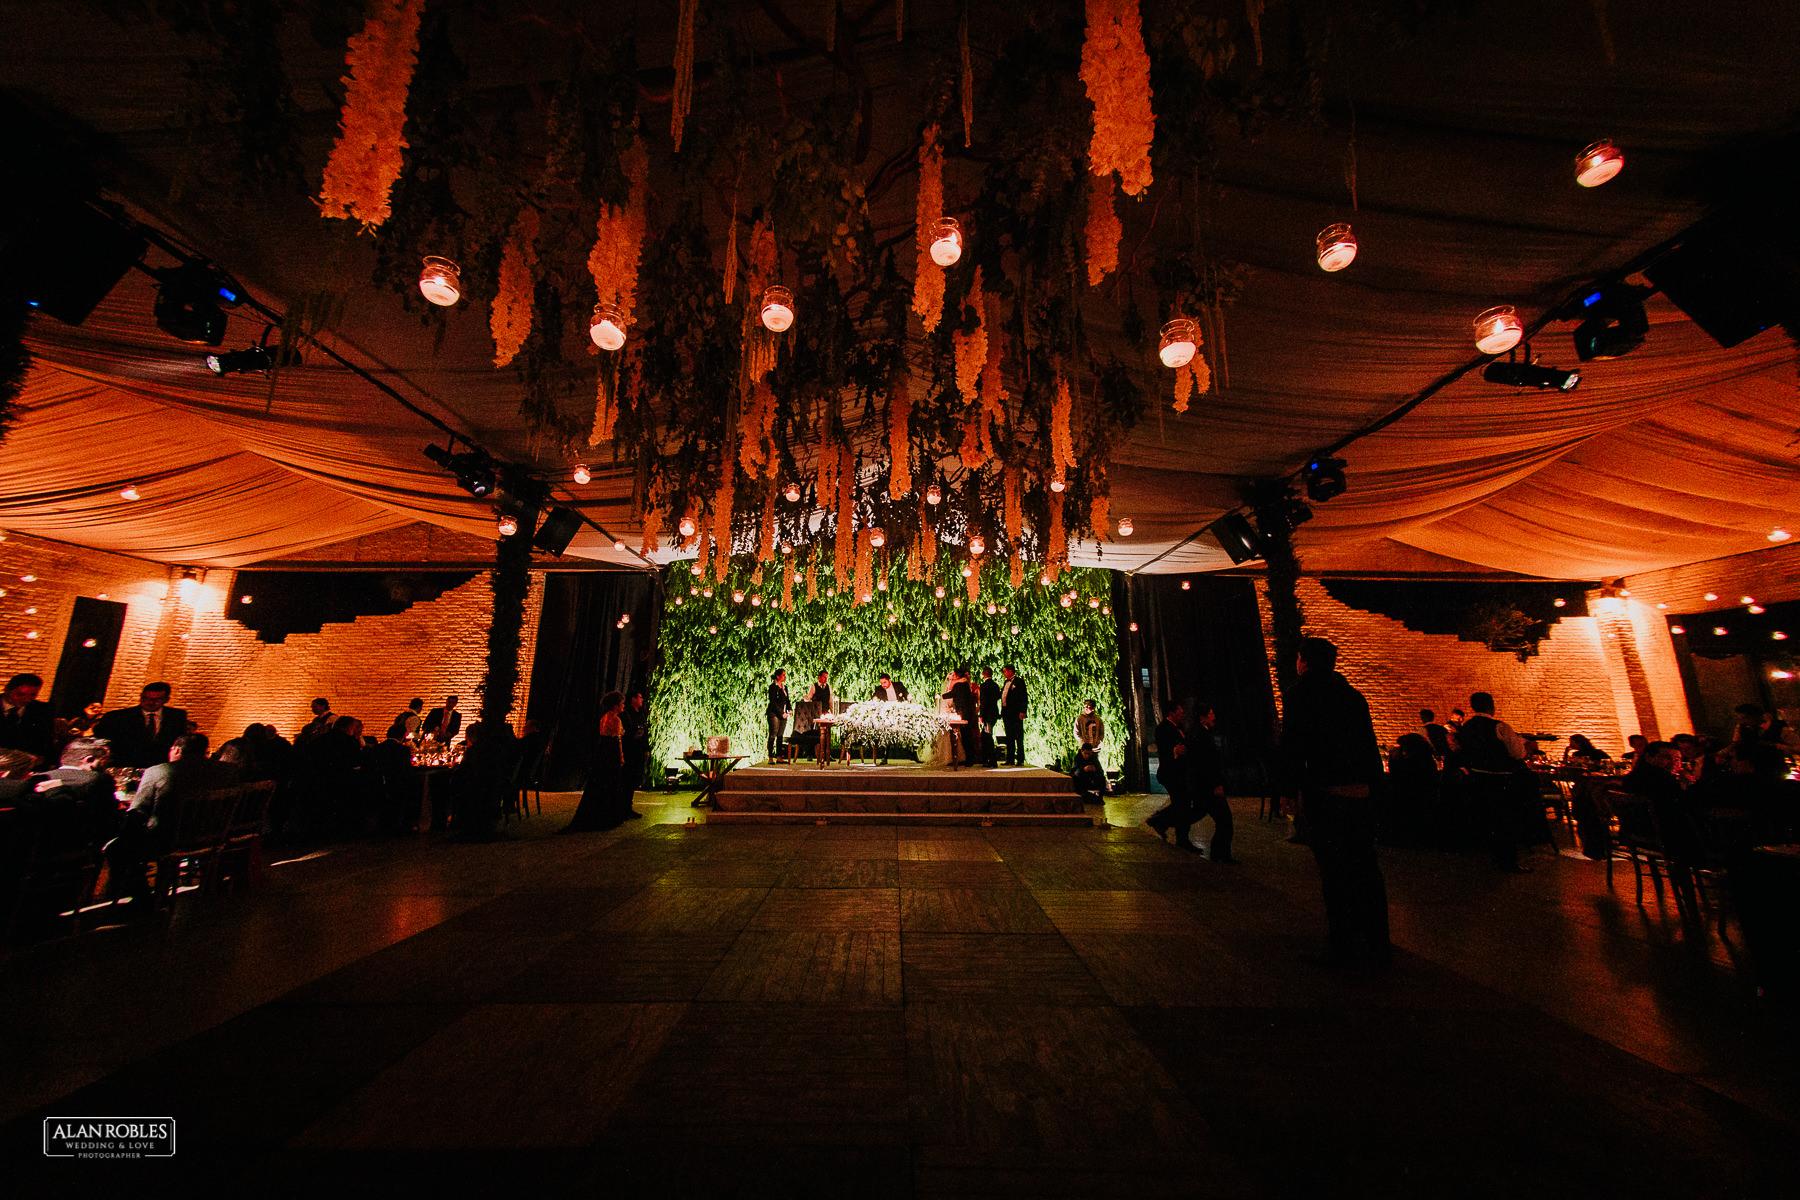 Fotografo de bodas Alan Robles-Casa Clementina Guadalajara DyA-56